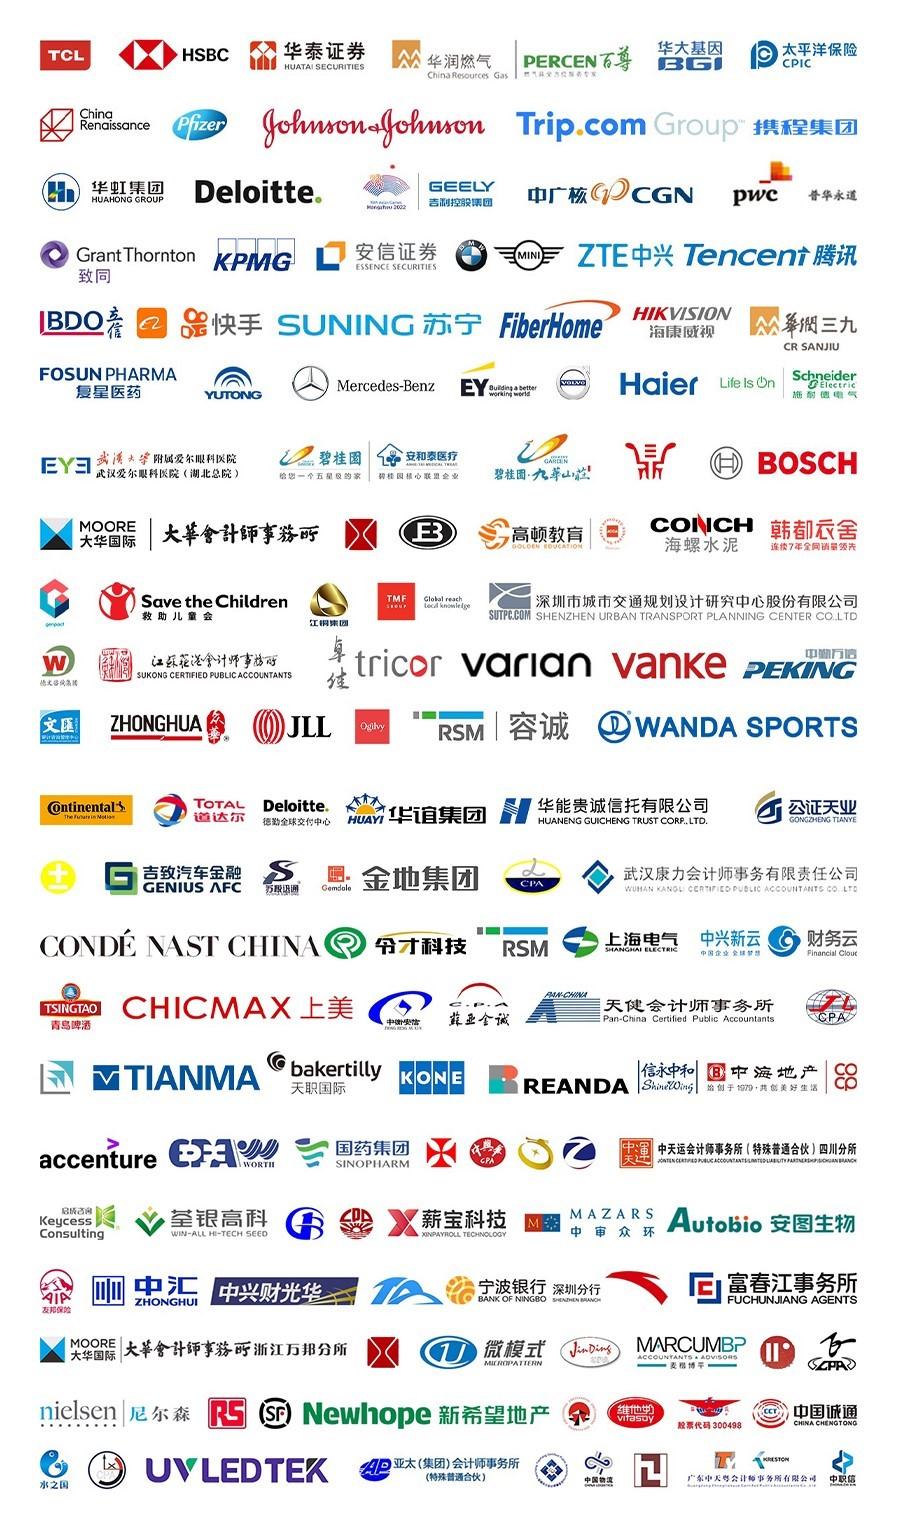 激活就业市场,ACCA首次举办大型线上招聘会